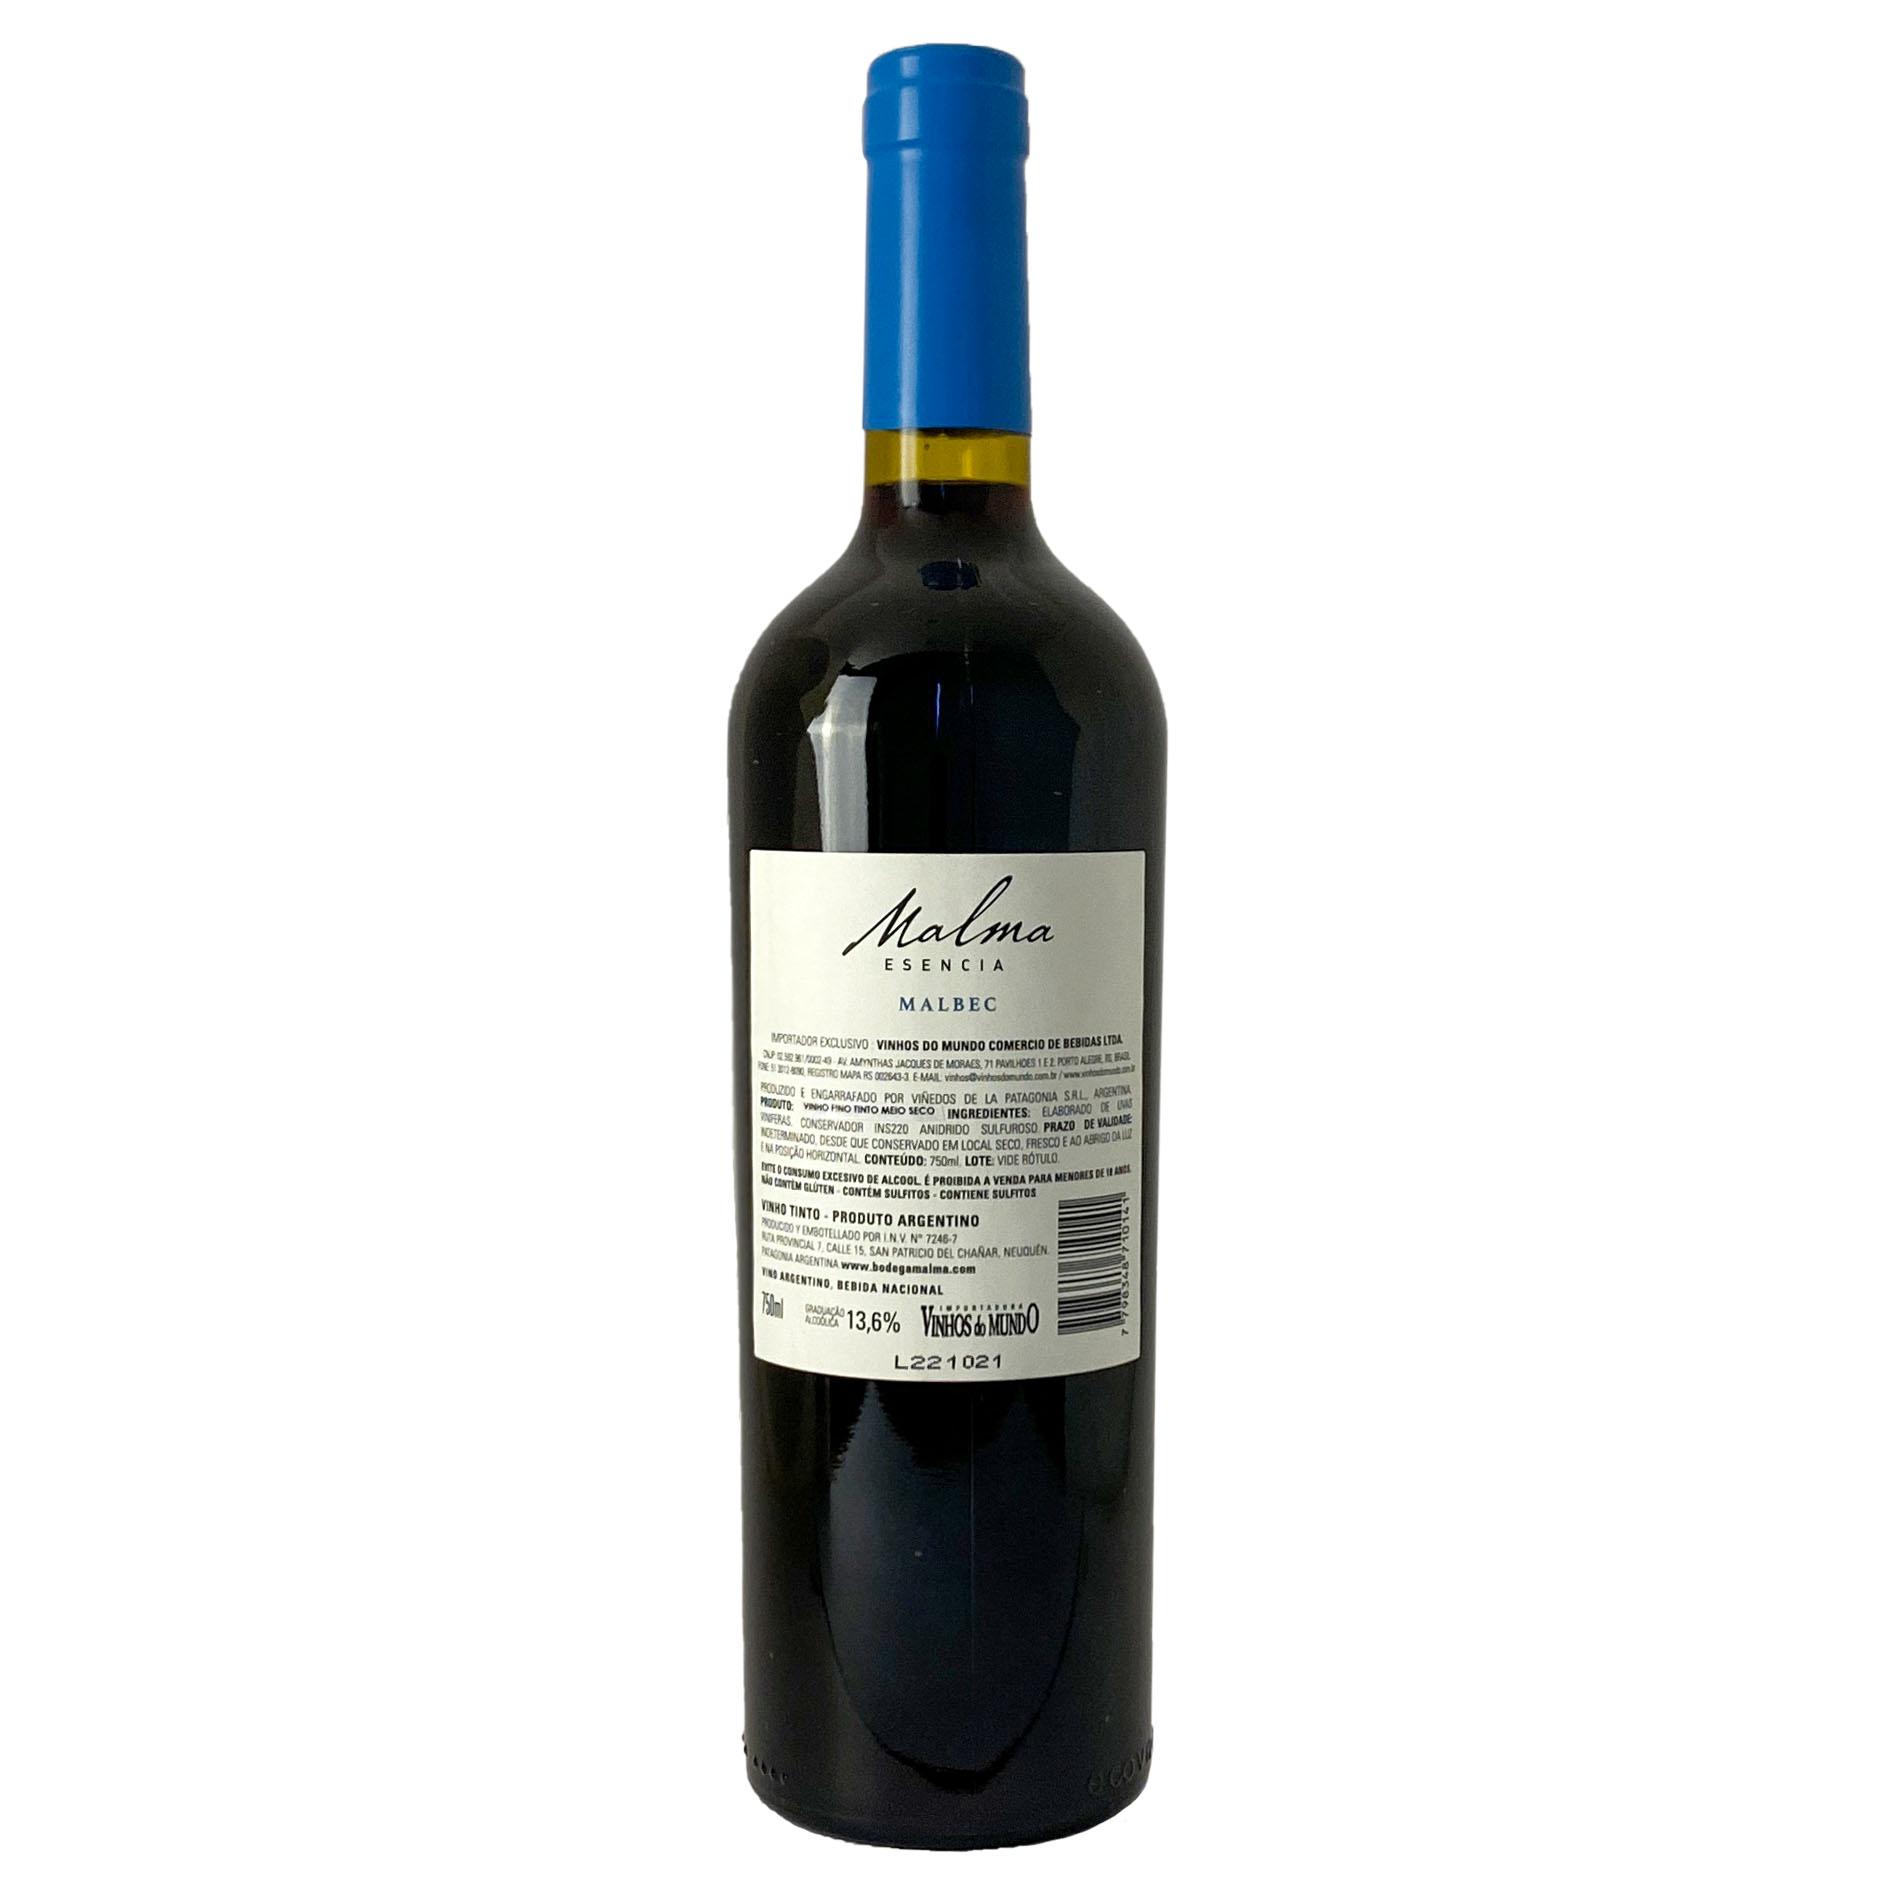 Malma Esencia Family Wines Malbec  - Vinerize